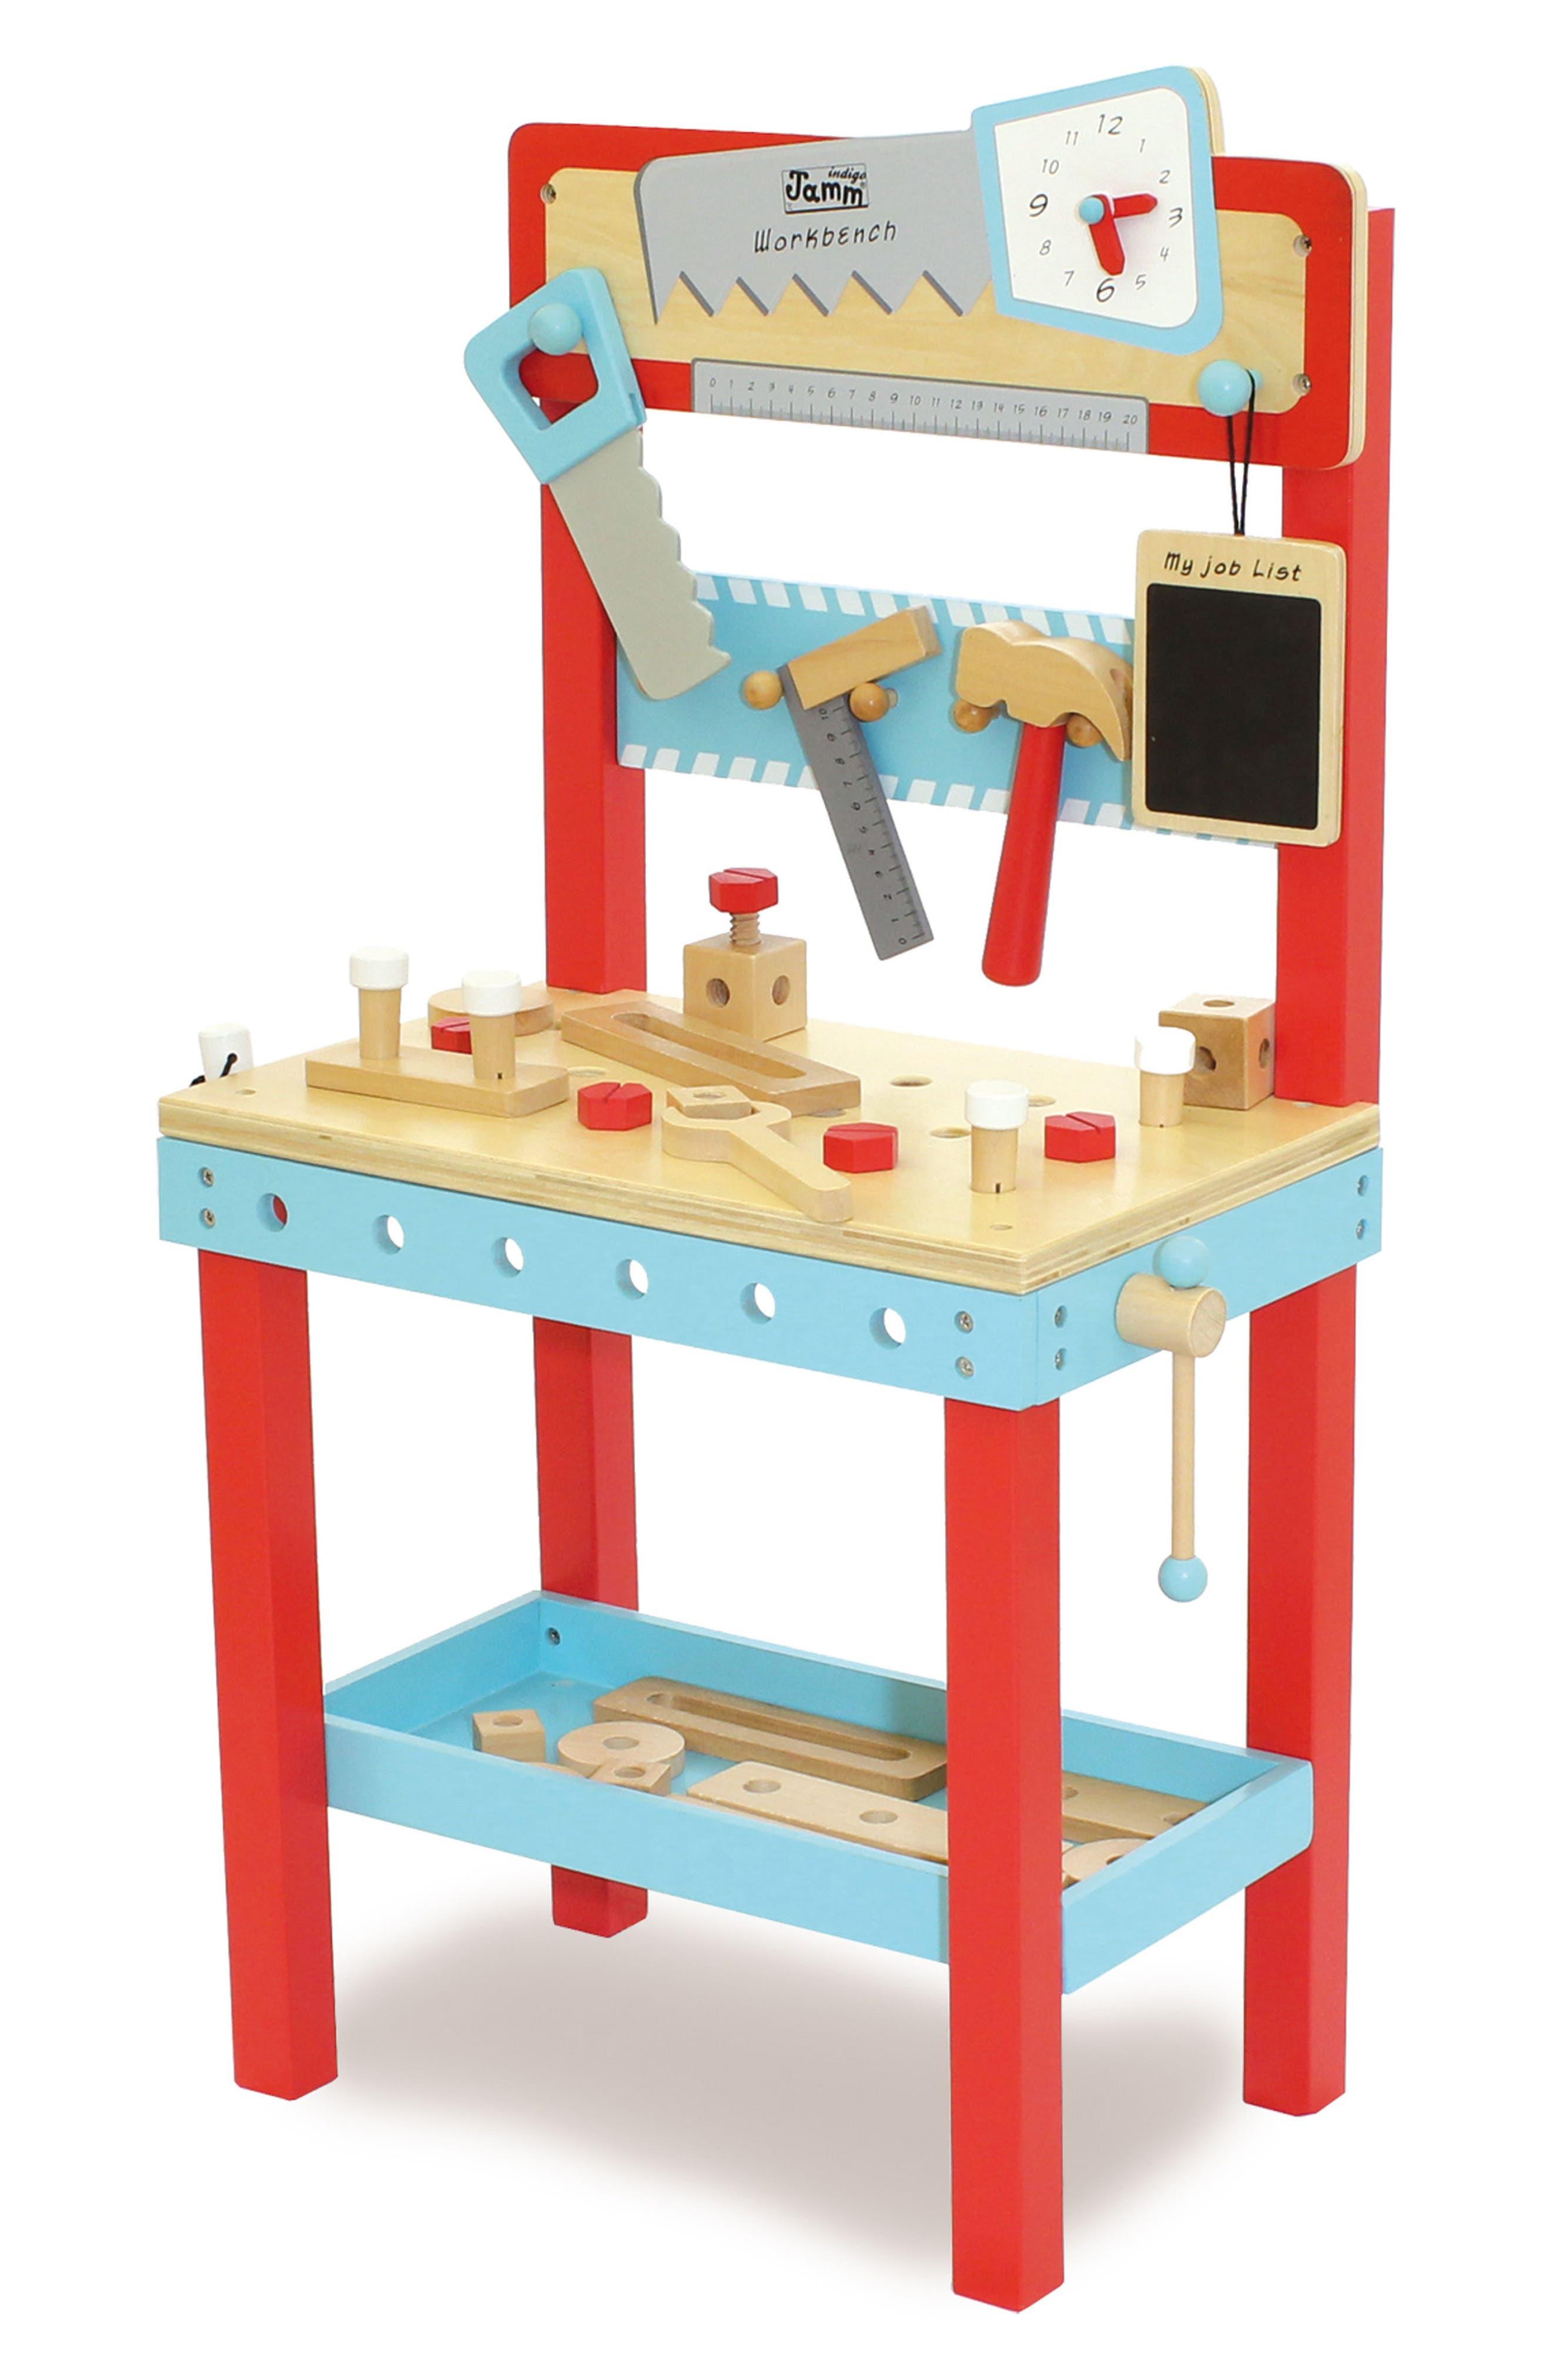 Main Image - Indigo Jamm Little Carpenters Workbench